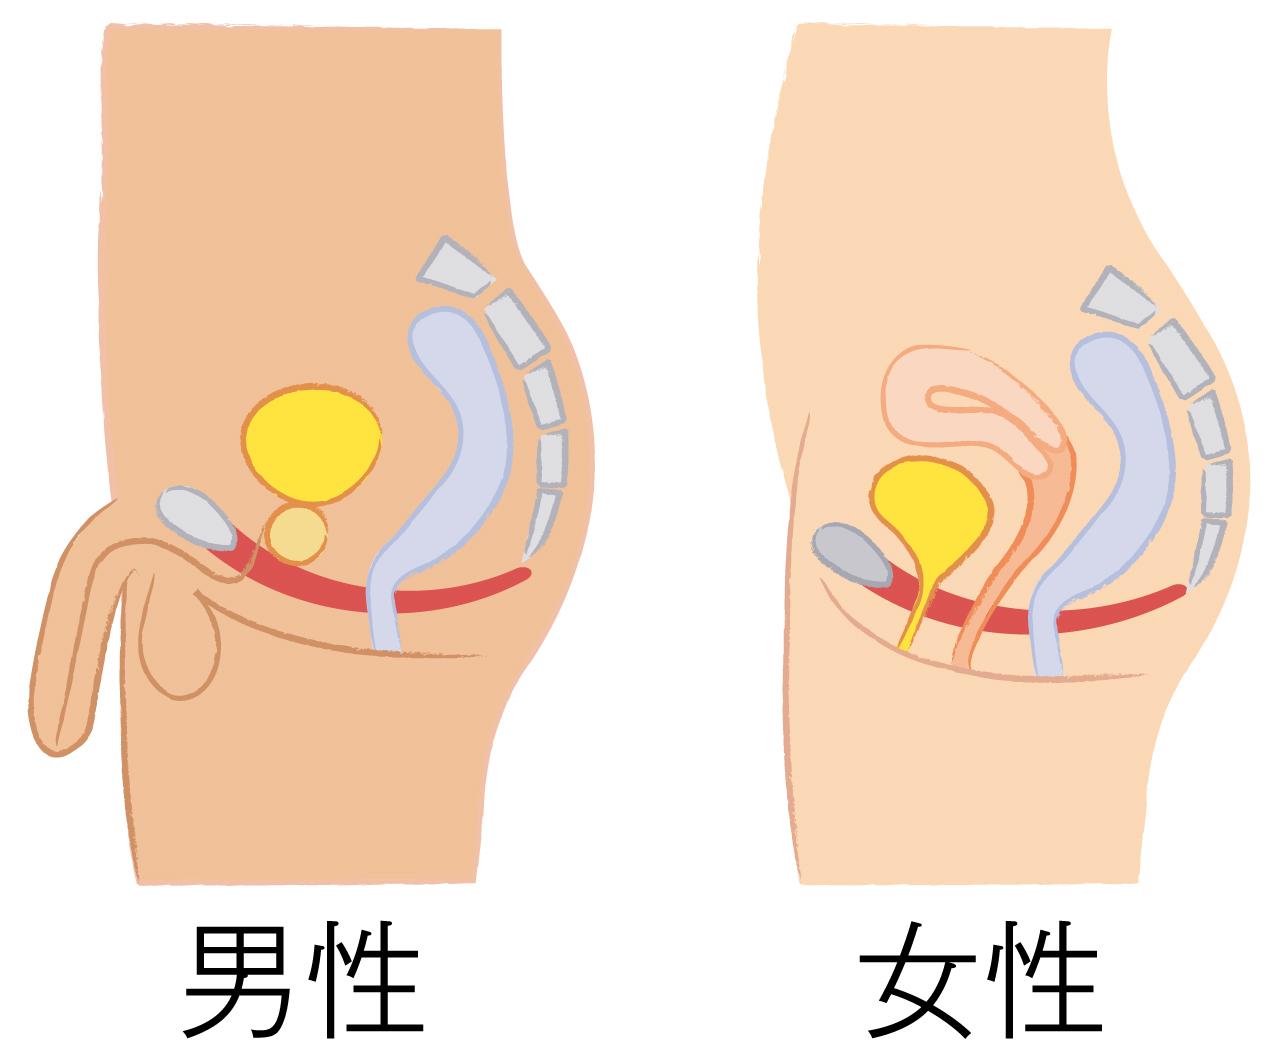 男性と女性の尿道の構造の違い